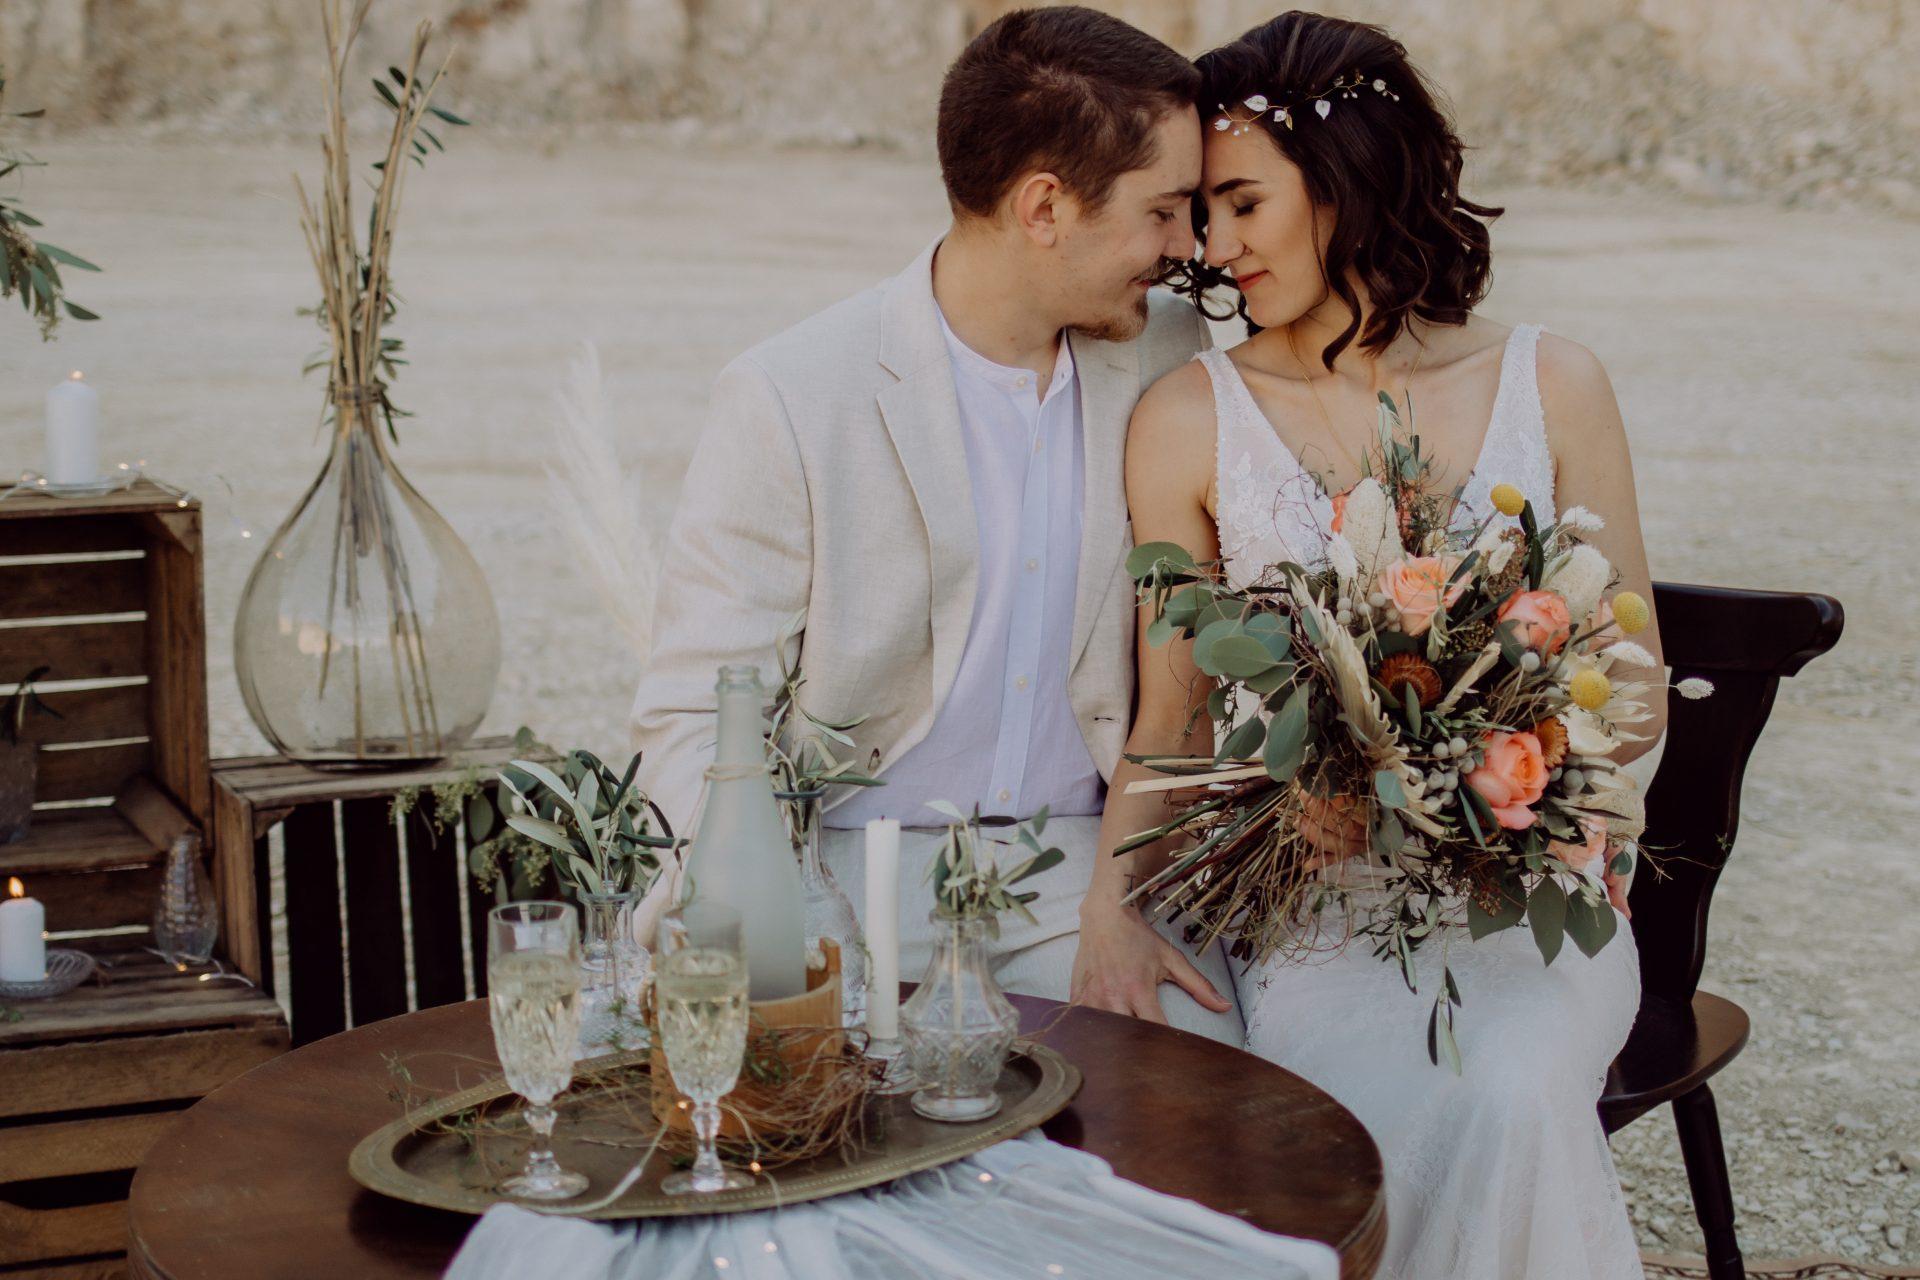 Vanessa und Max kuscheln beim Wedding Shooting.